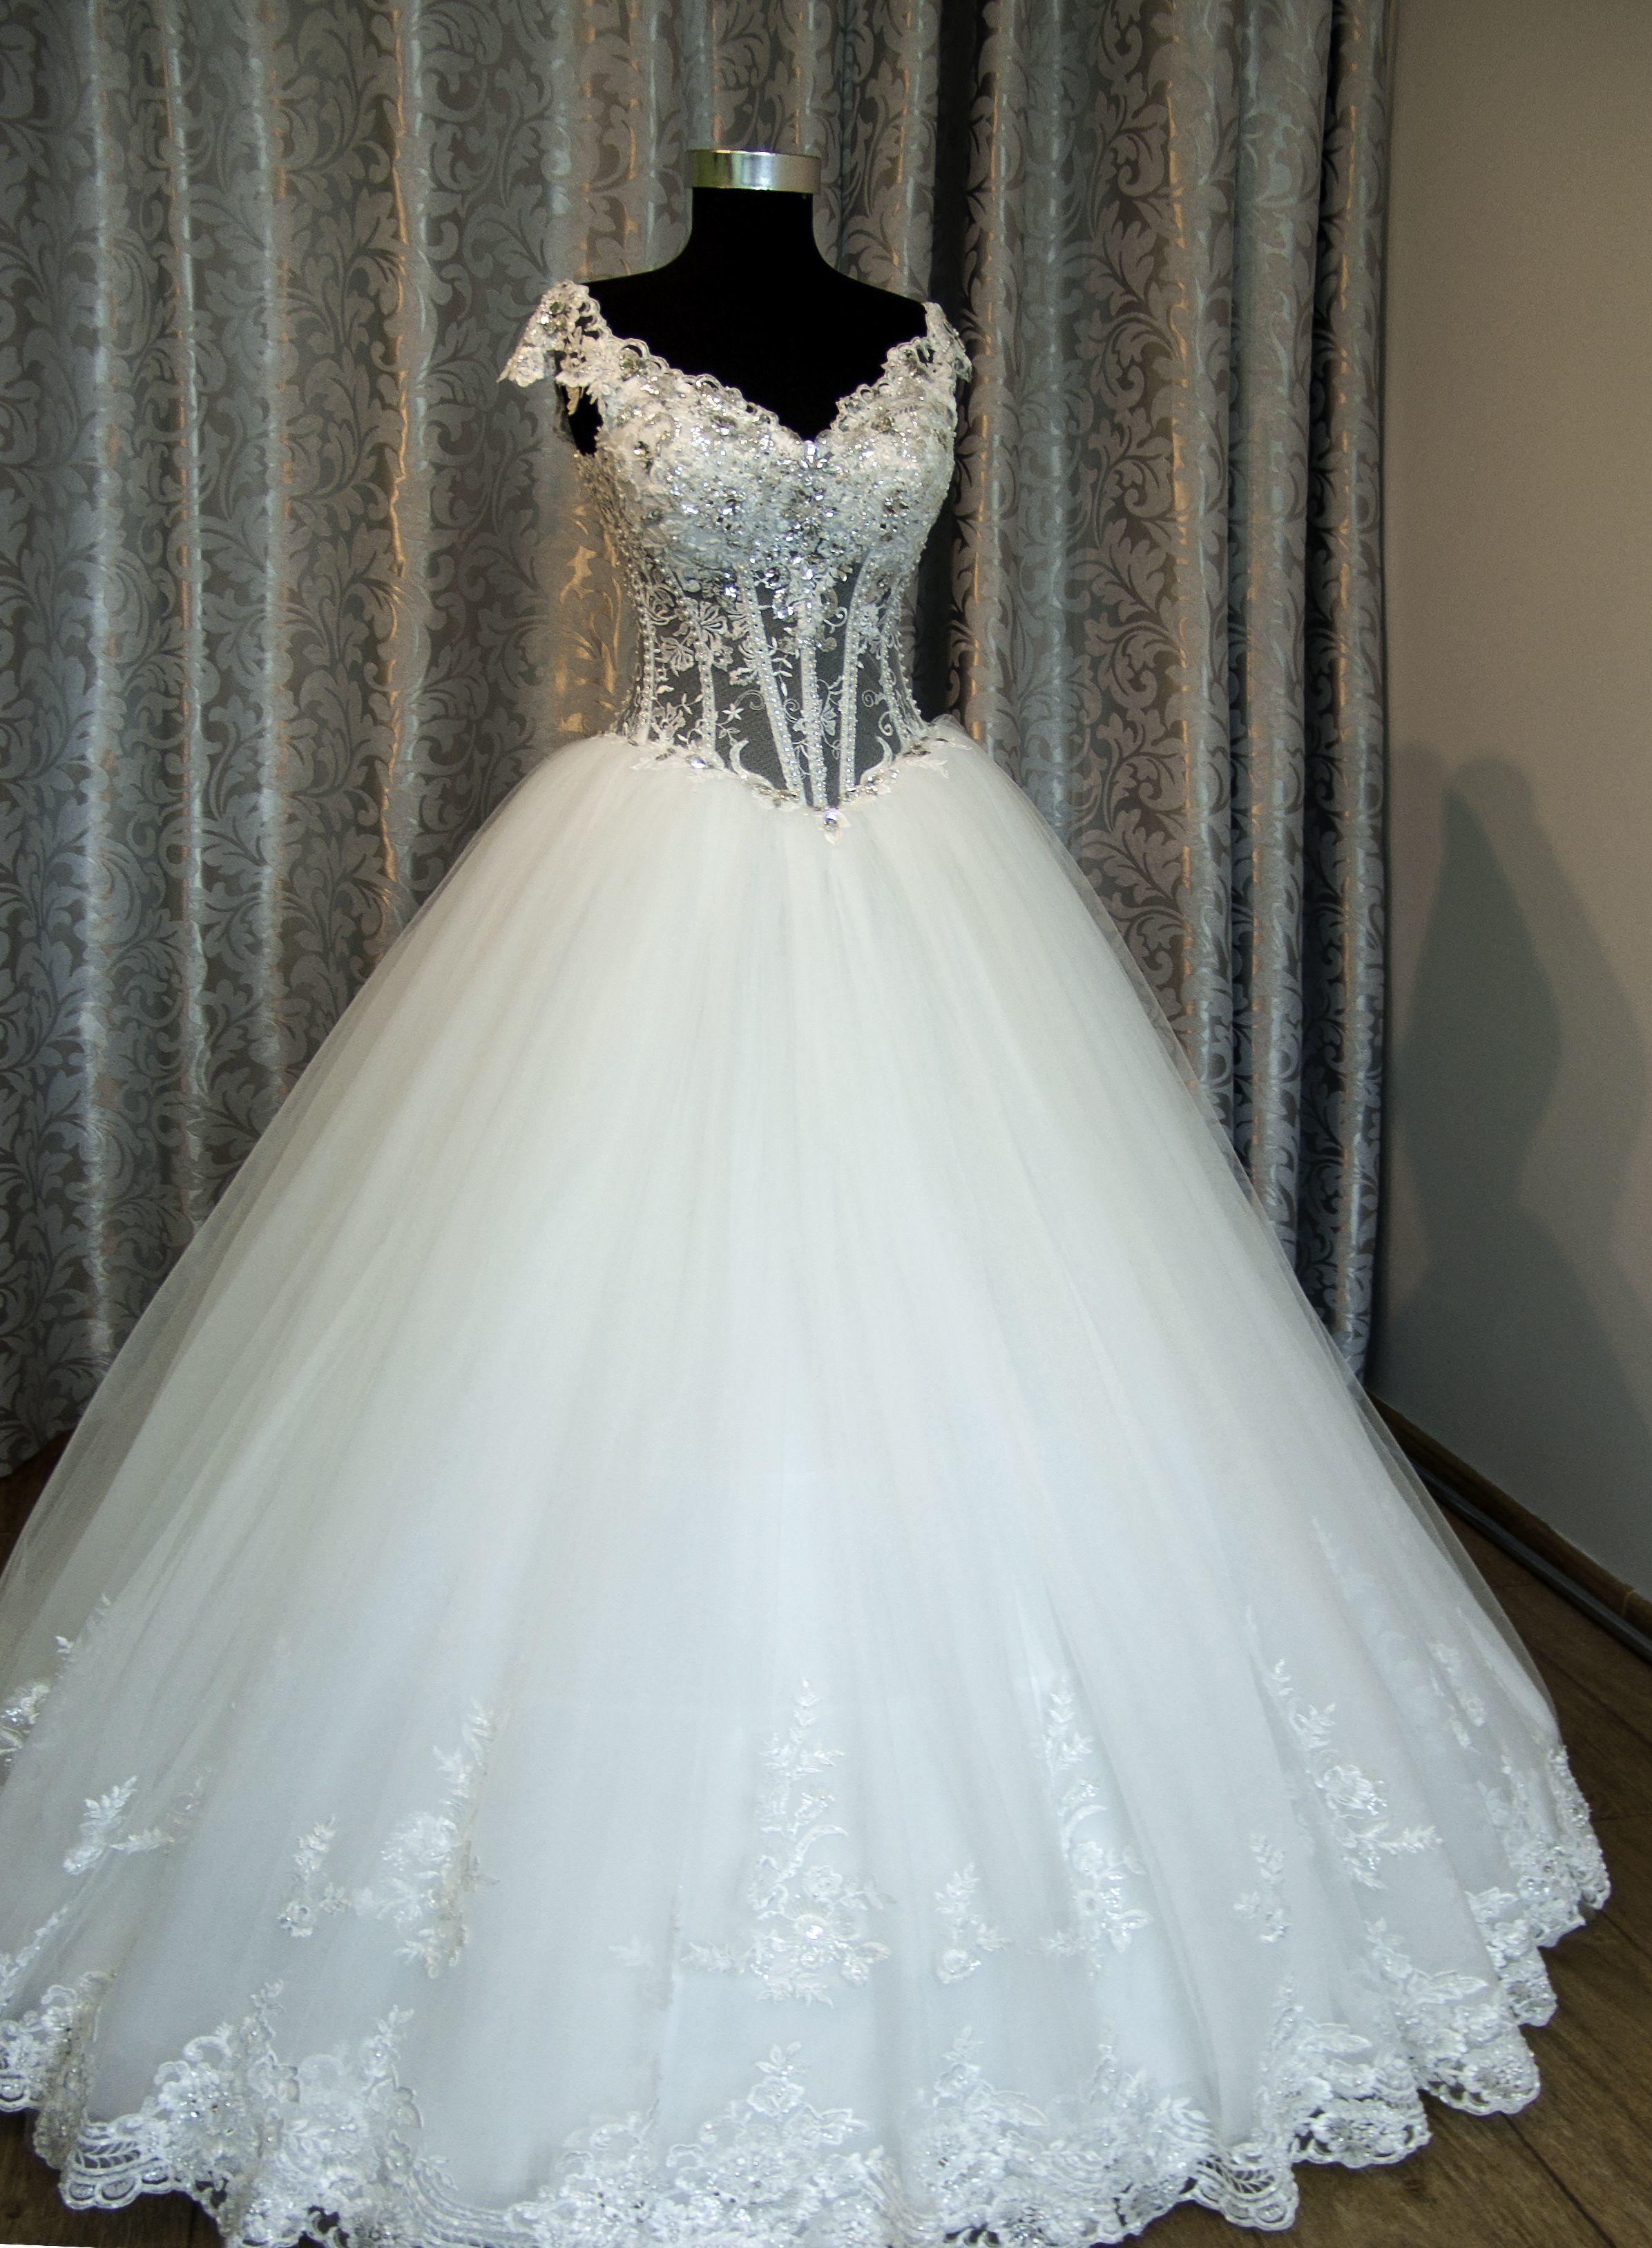 Хочу на весілля дуже дуже пишного плаття допоможіть мені фото 17 фотография